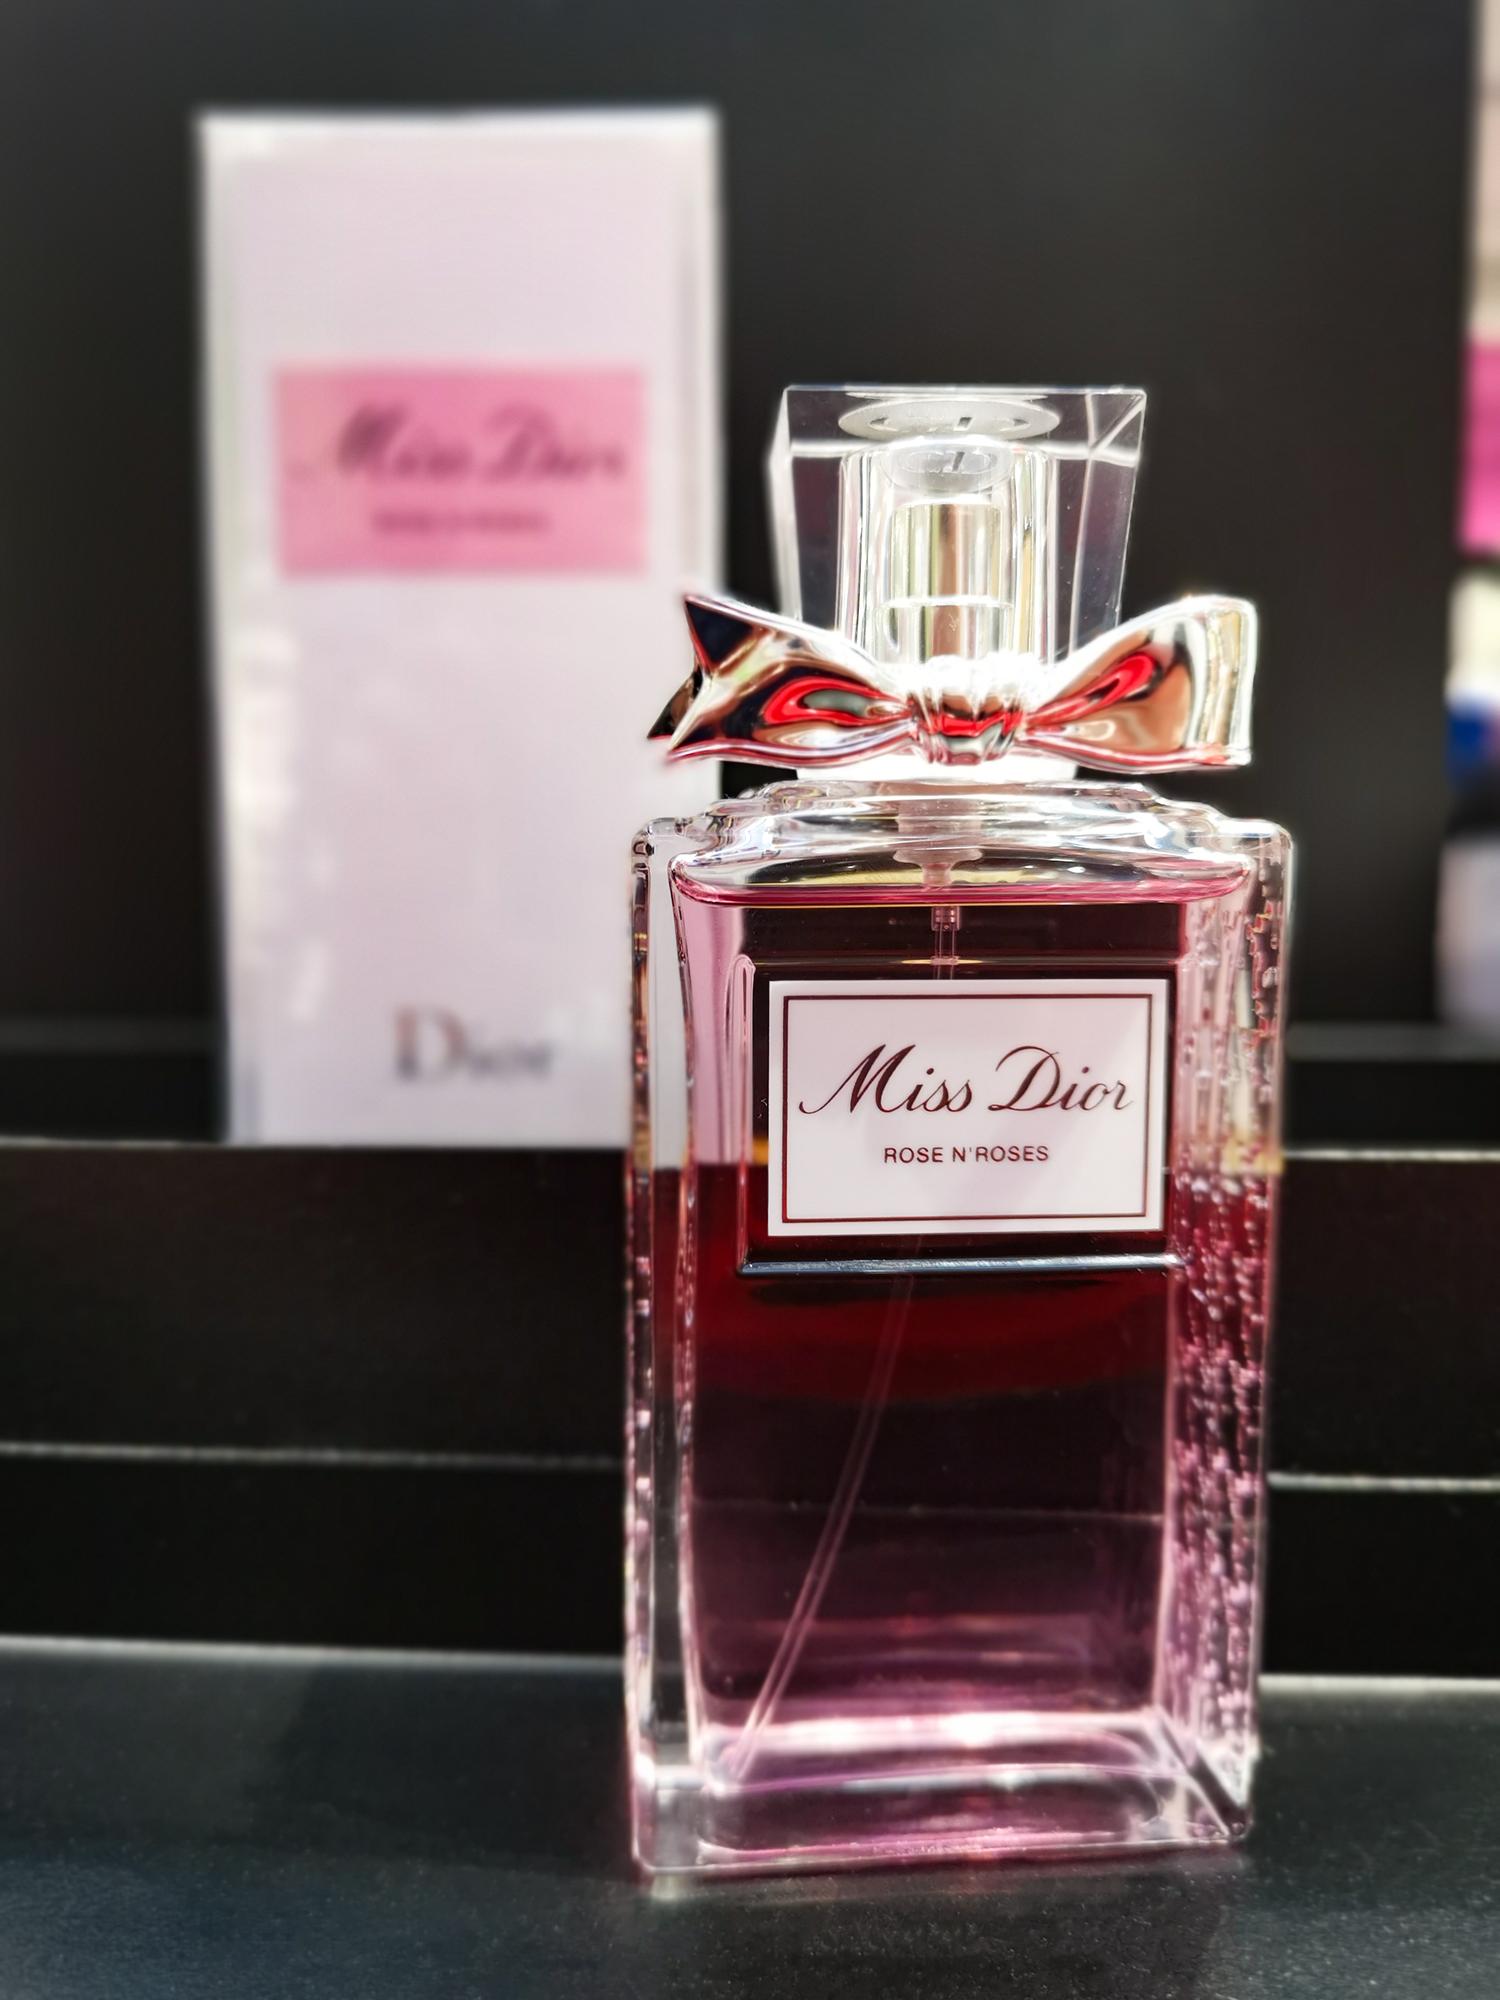 Rose N'Roses MISS DIOR Rose N'Roses е блестящ флорален аромат, изобилстващ от розови нотки, обогатени с щипка Бергамот и извисени чрез интензивността на масло от Бял Мускус. Ароматът на Miss Dior вариацията е ухание, което те хваща и pretty much никога не те пуска - незабравим.